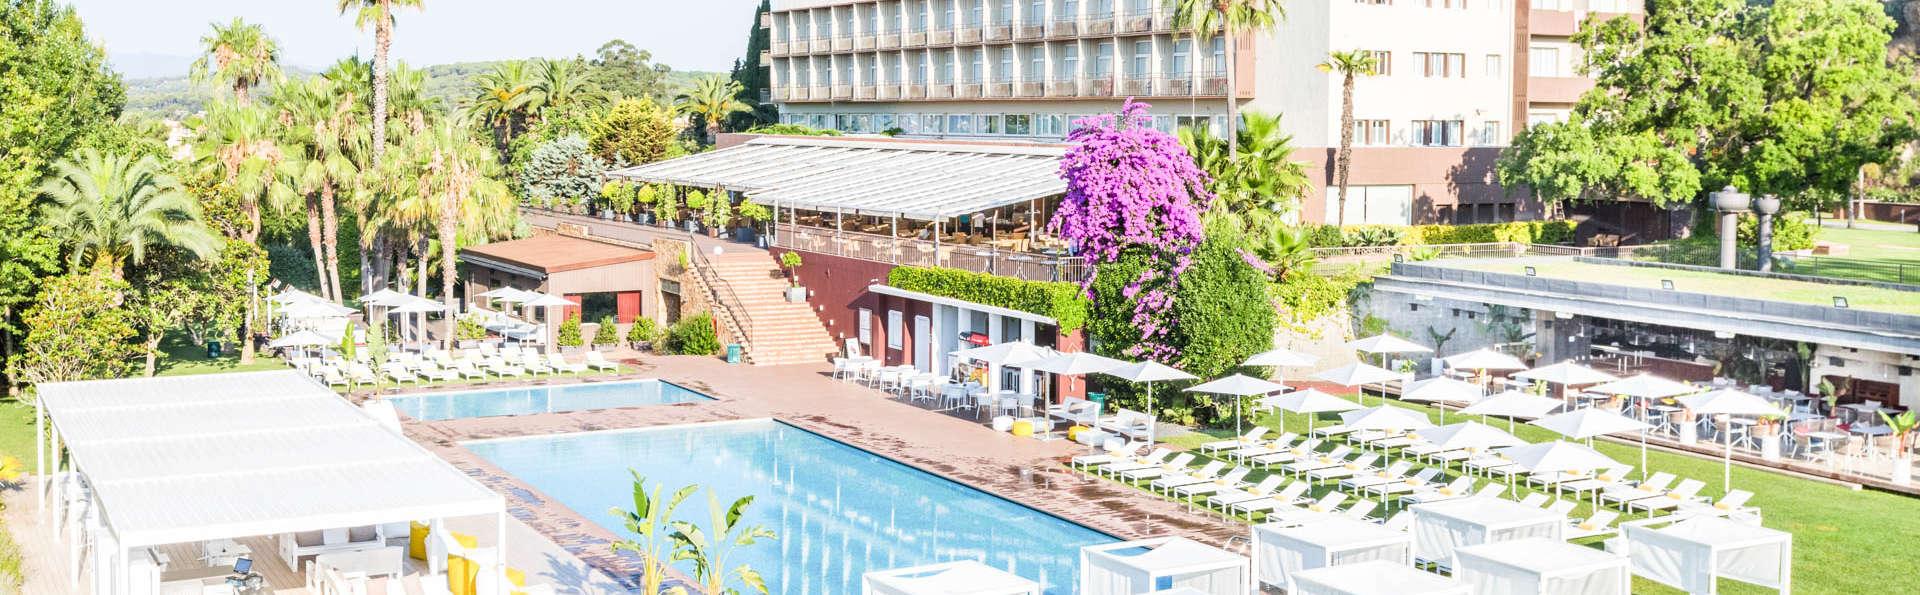 Gran Hotel Monterrey - EDIT_N2_FRONT1.jpg